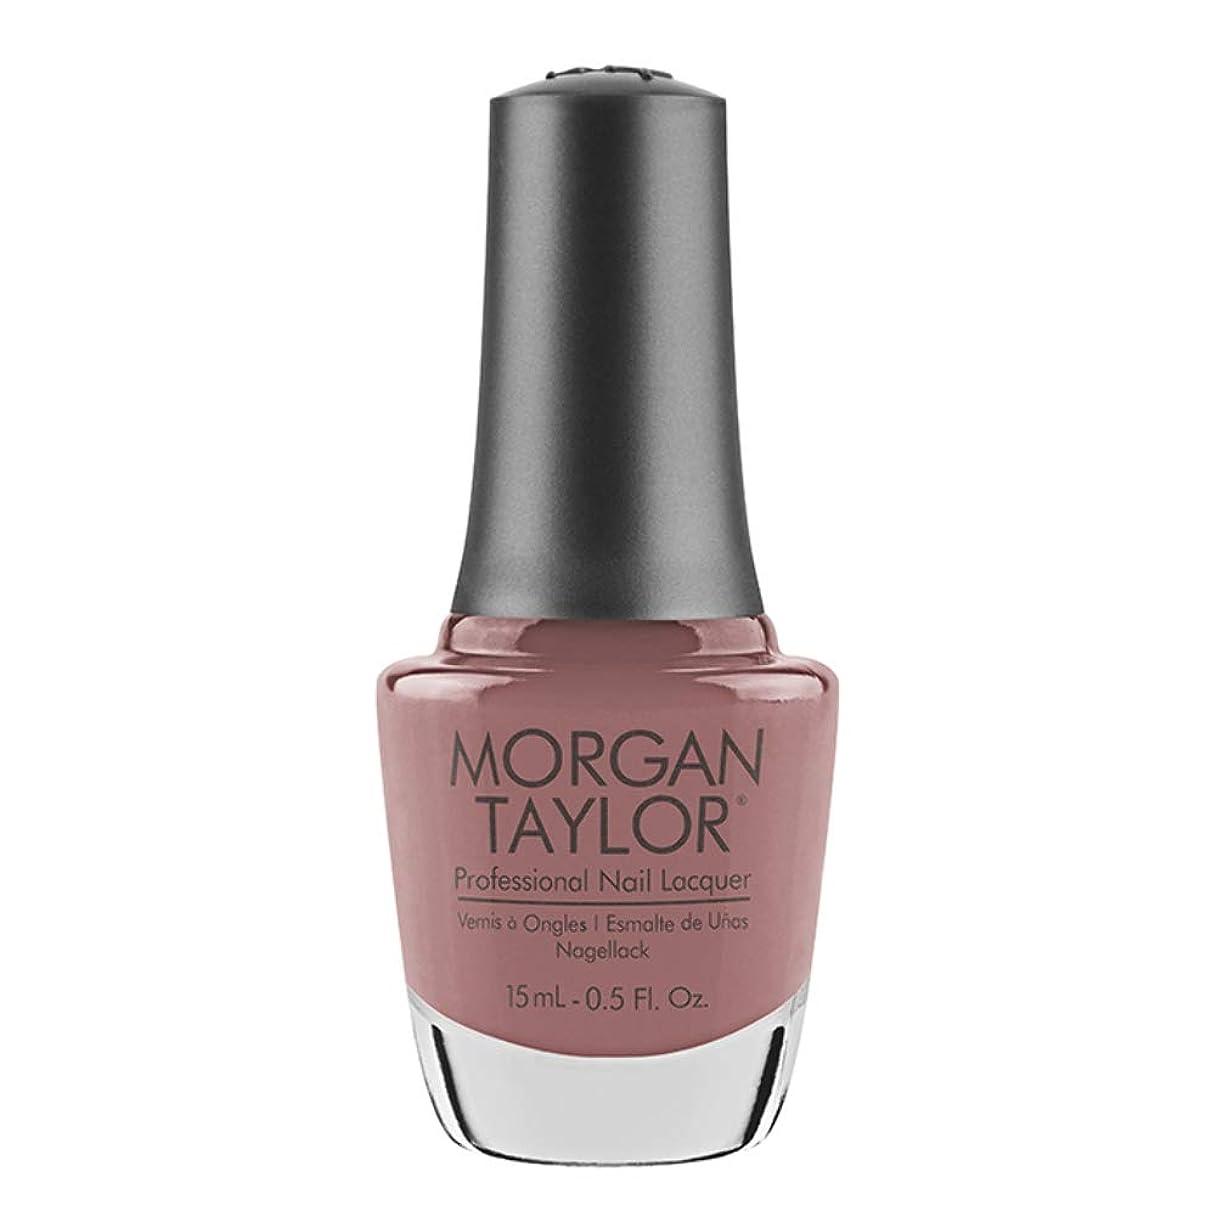 警報試してみるカラスMorgan Taylor - Professional Nail Lacquer - Mauve Your Feet - 15 mL / 0.5oz